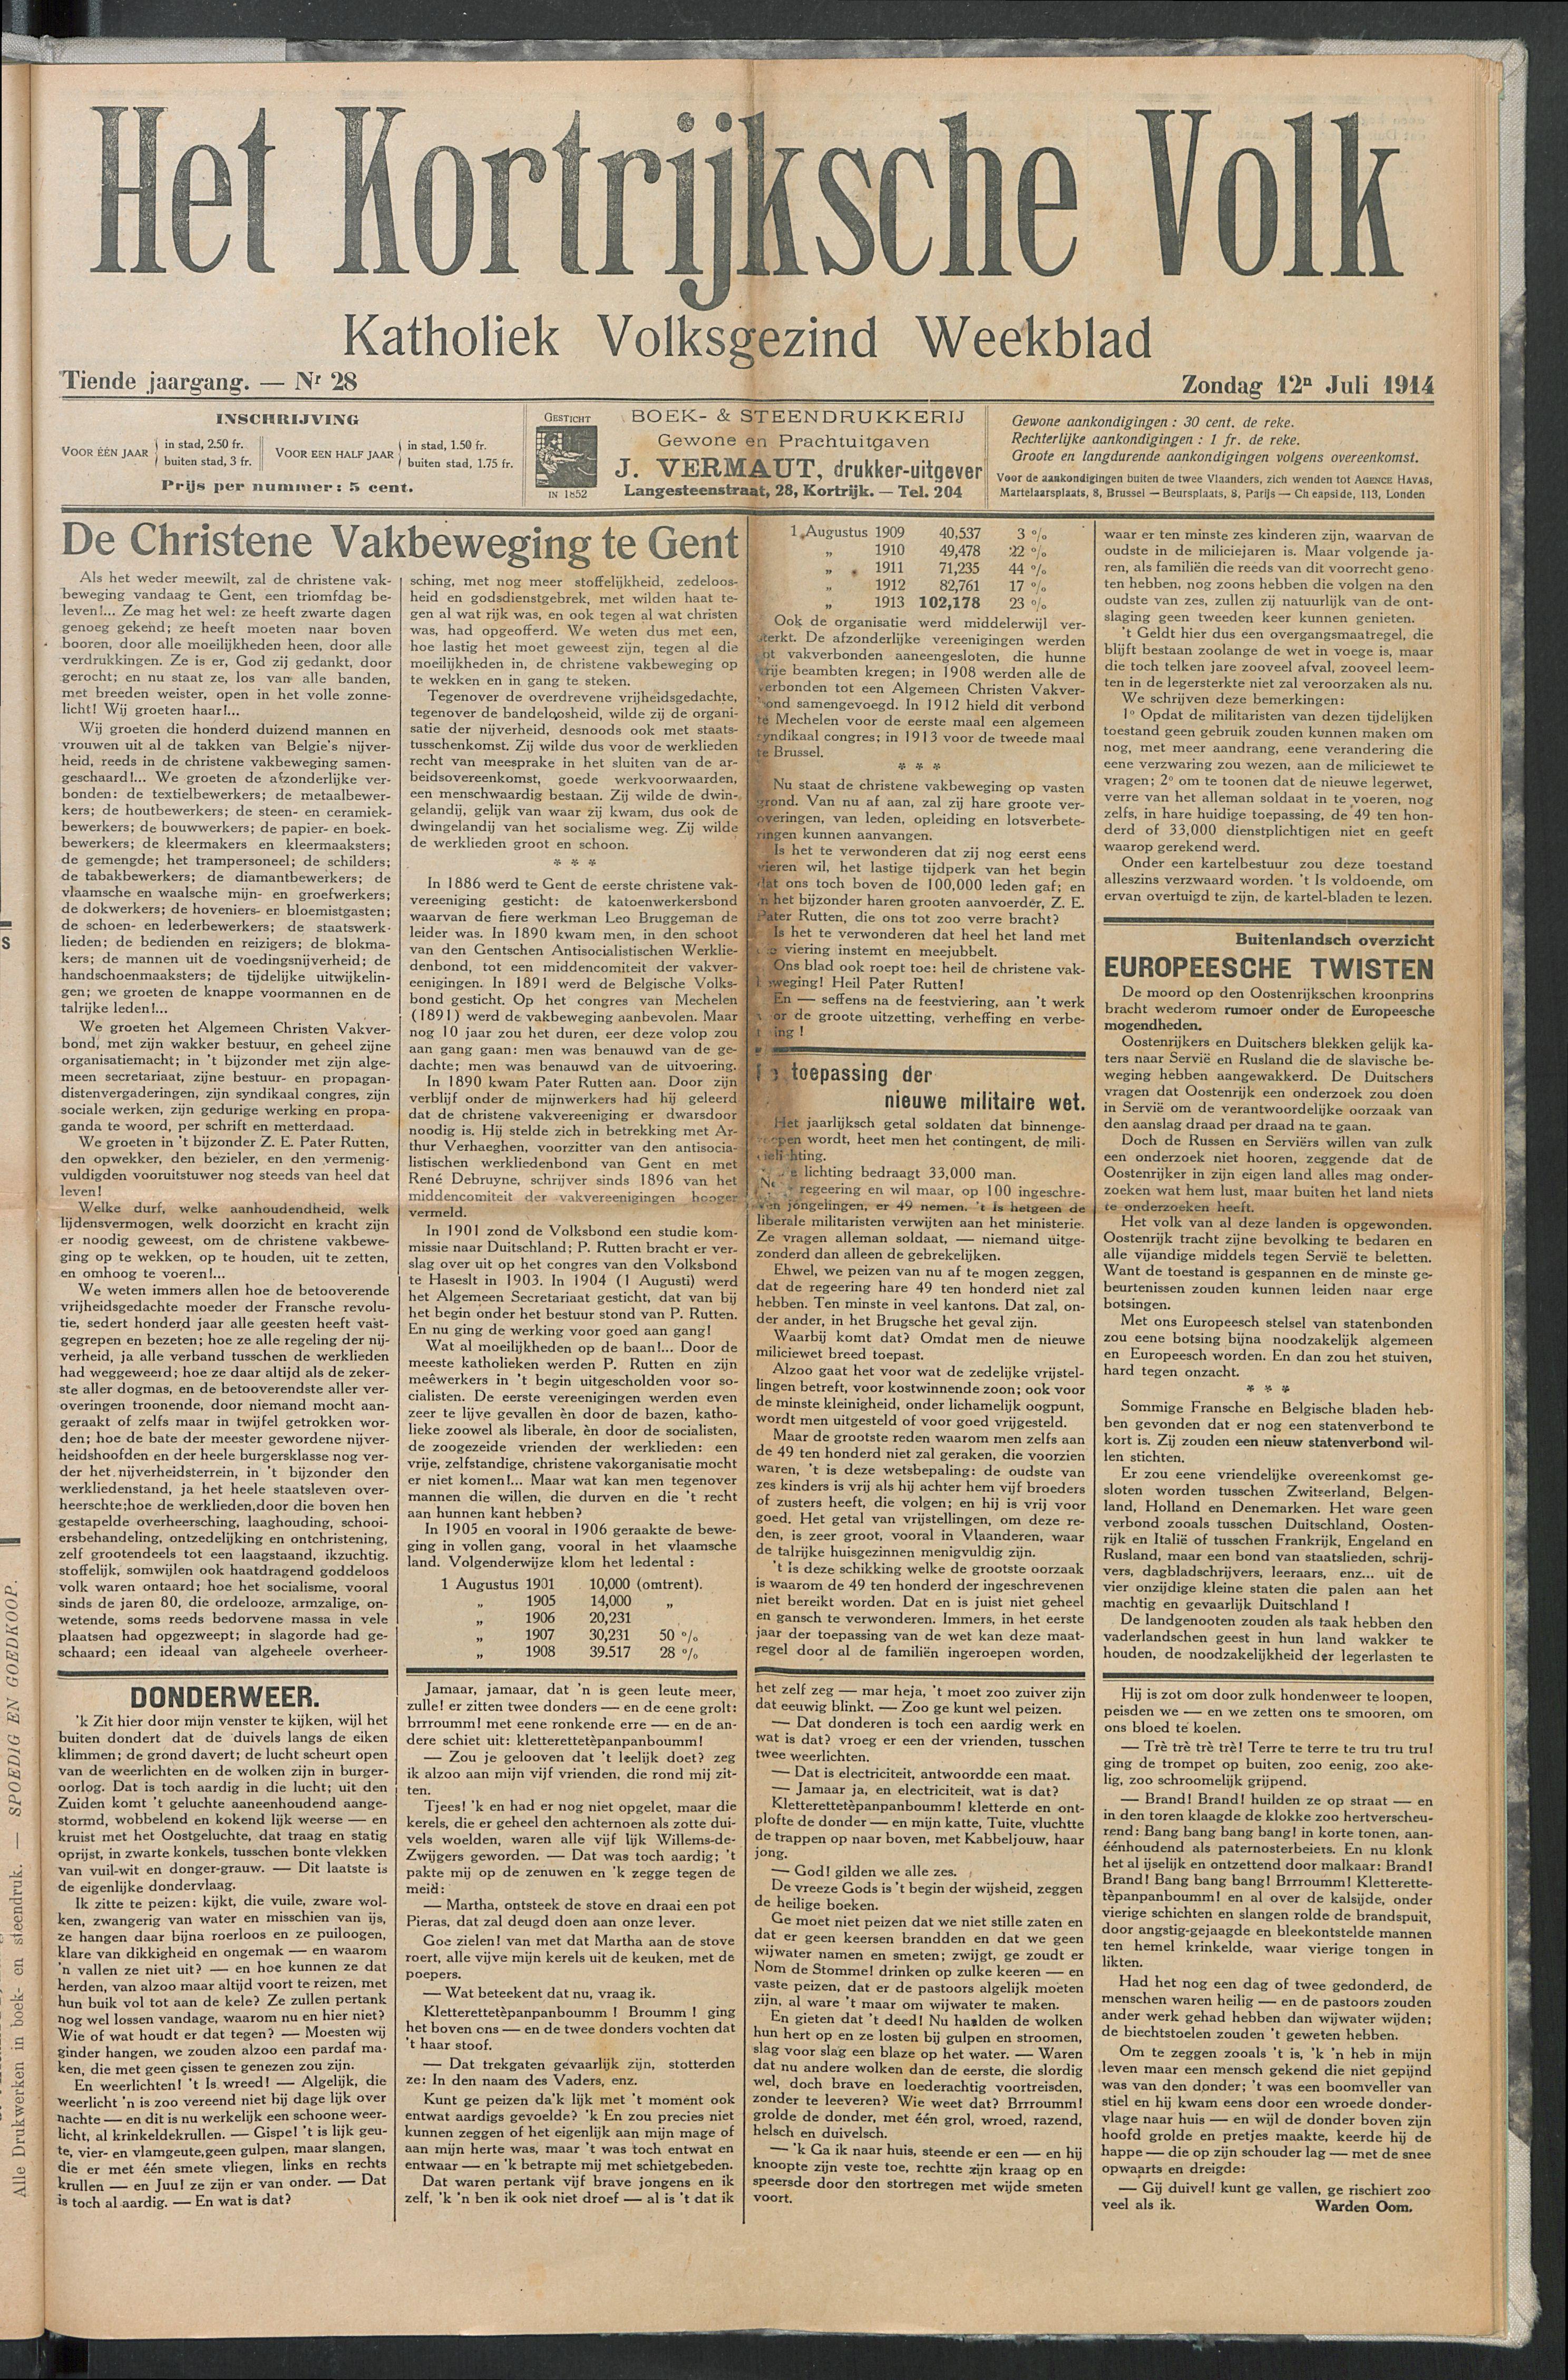 Het Kortrijksche Volk 1914-07-12 p1